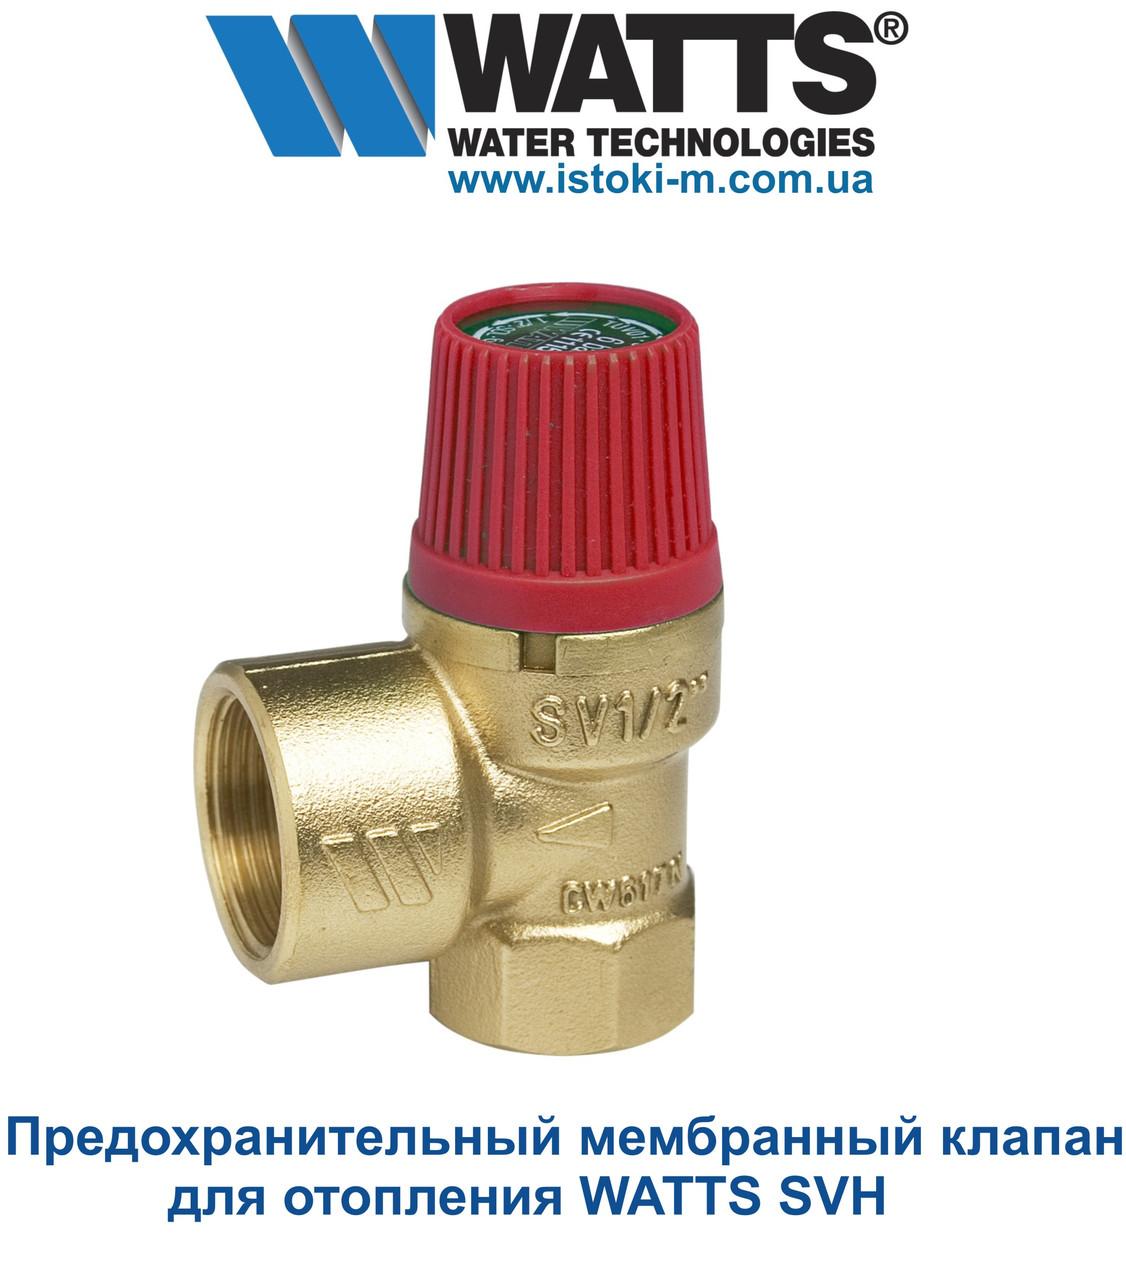 """Предохранительный сбросной мембранный клапан для отопления WATTS SVH 1.1/4""""х1.1/2"""" 2,5 Бар, фото 1"""